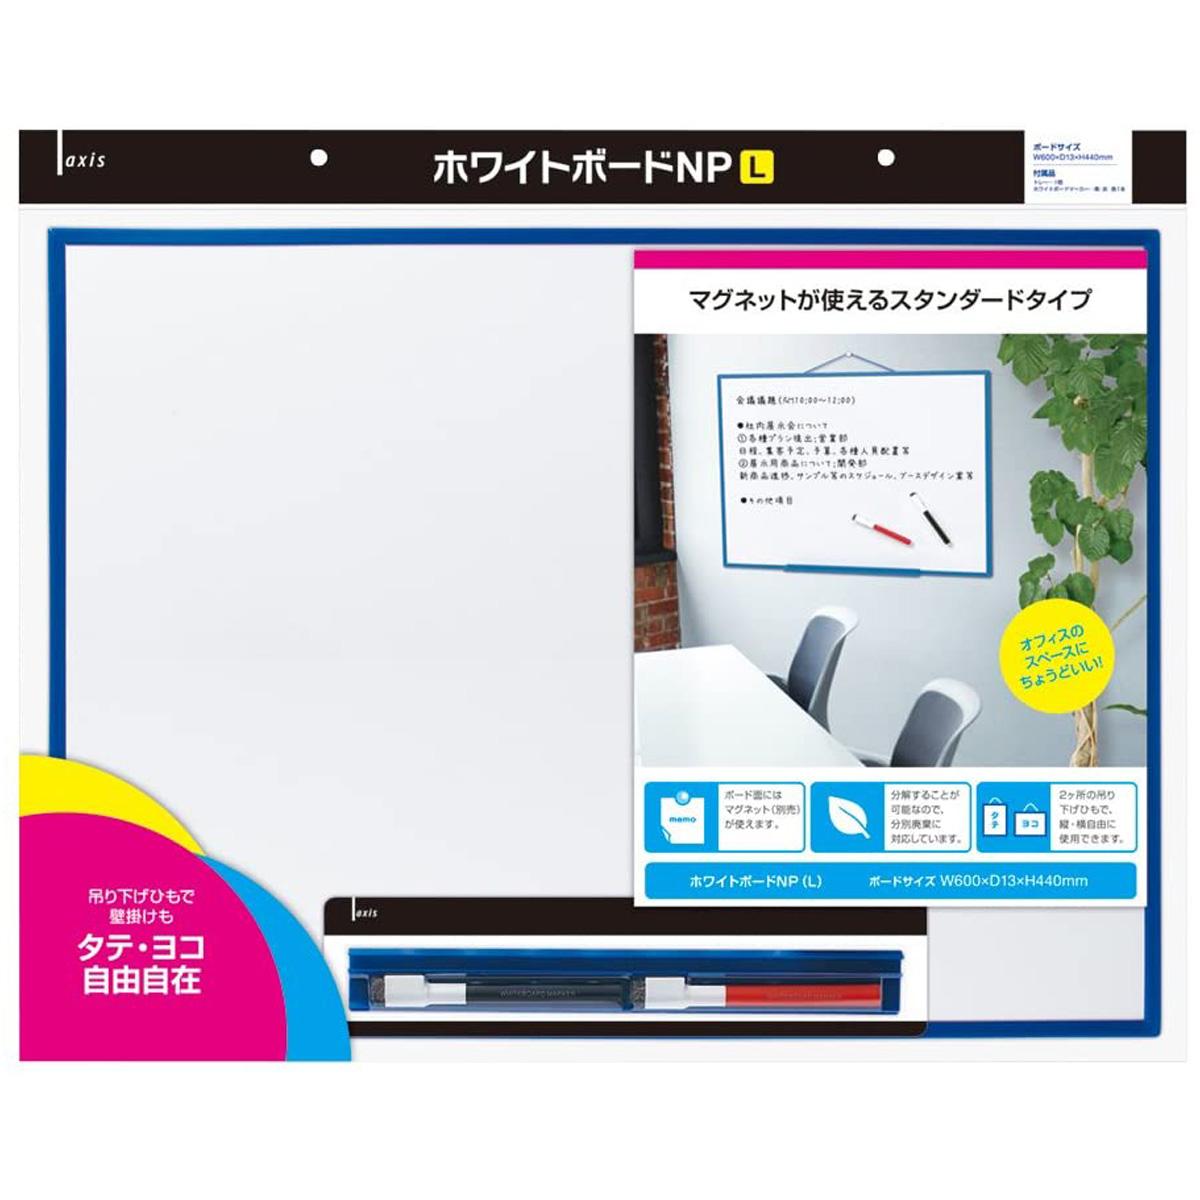 ホワイトボード ボード NP[L] オフィス 伝言板 ボード お絵かき メモ デビカ